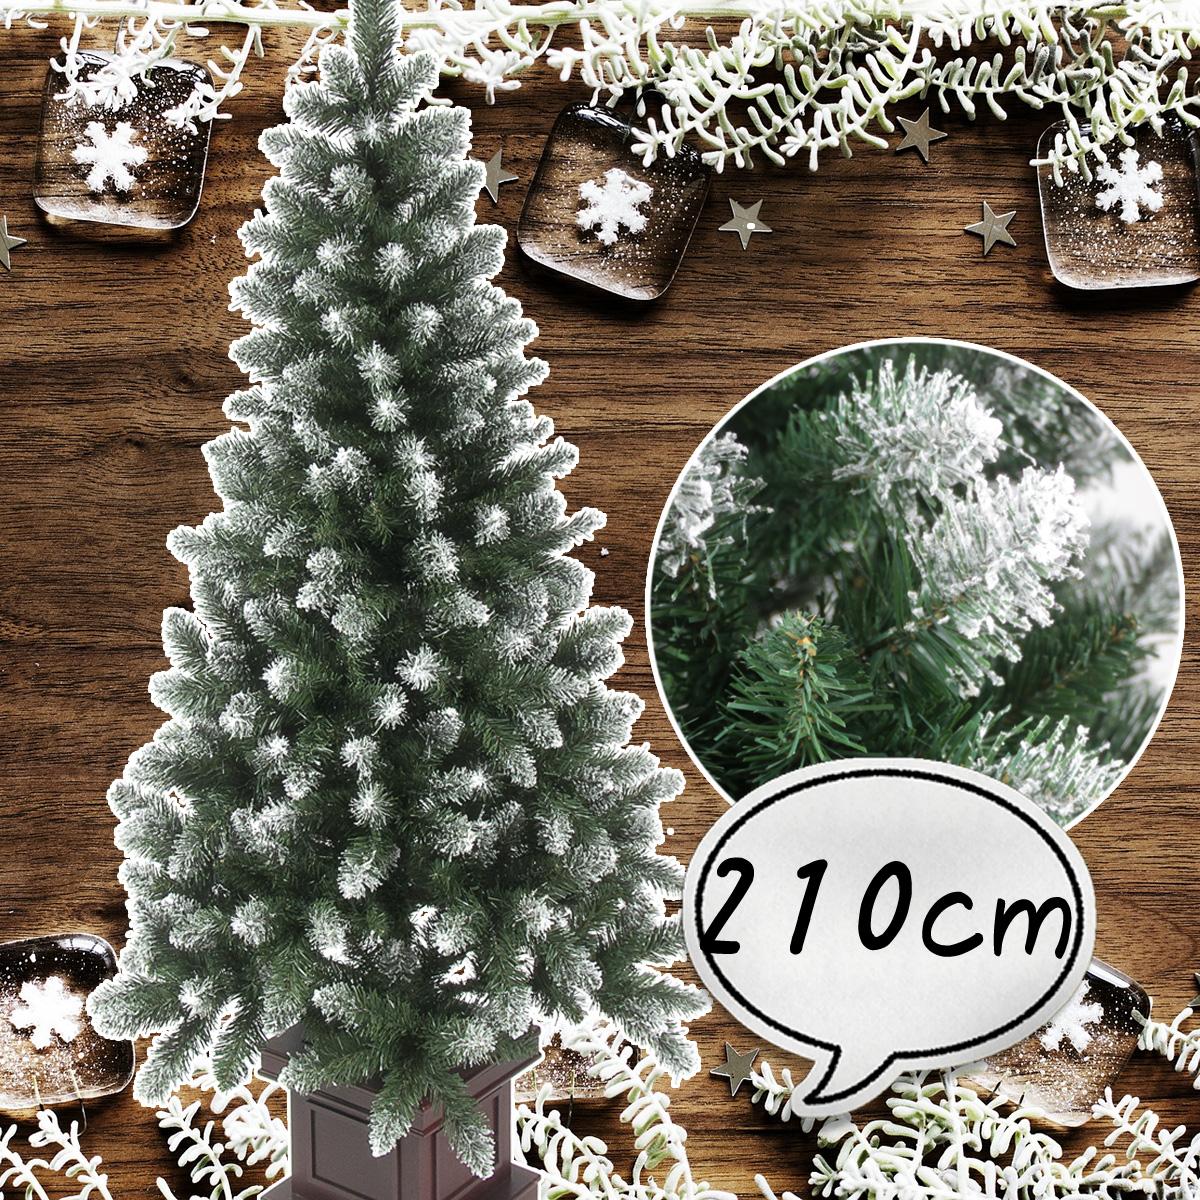 クリスマスツリー 210cm ポイントスノーツリー 先雪 木製ポット グリーン ツリーの木 [ ヌードツリー ] 北欧 おしゃれ ウッドベース